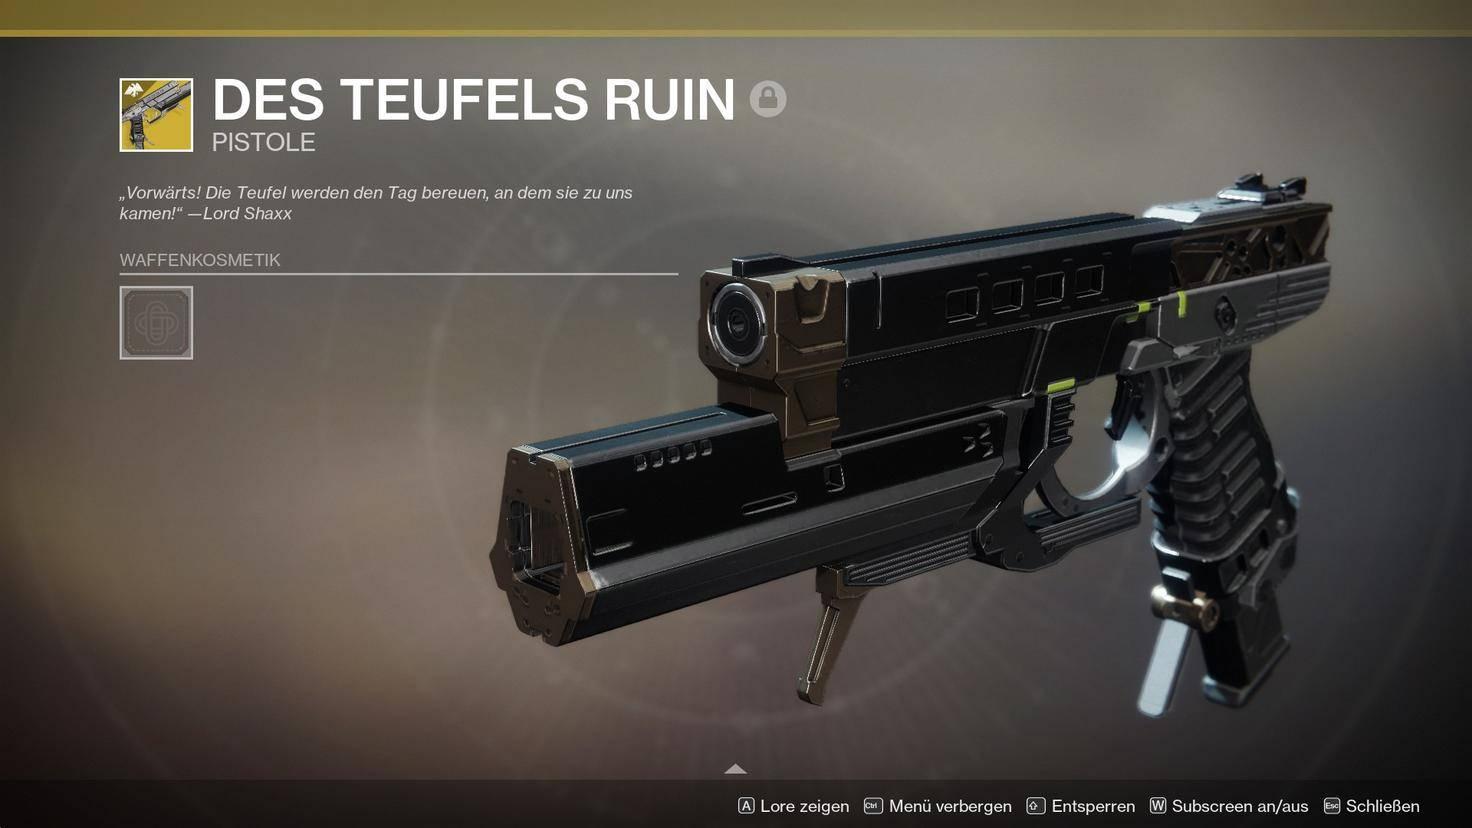 destiny-2-des-teufels-ruin